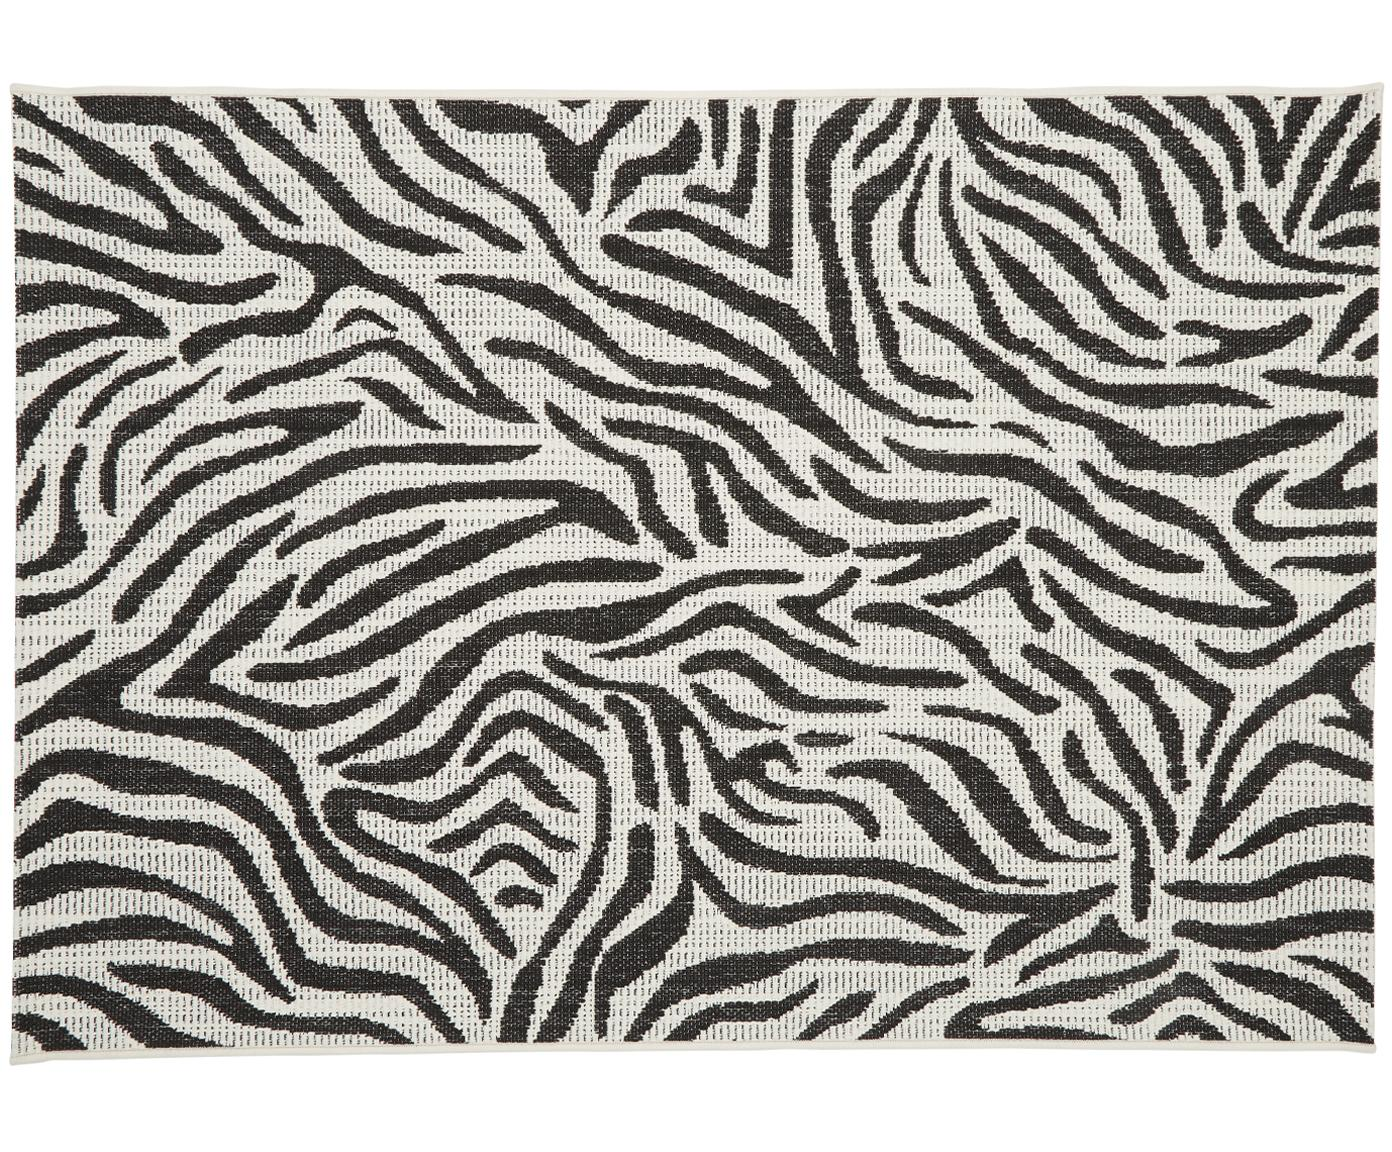 Tappeto da interno-esterno Exotic, Retro: poliestere, Bianco crema, nero, Larg. 120 x Lung. 170 cm (taglia s)